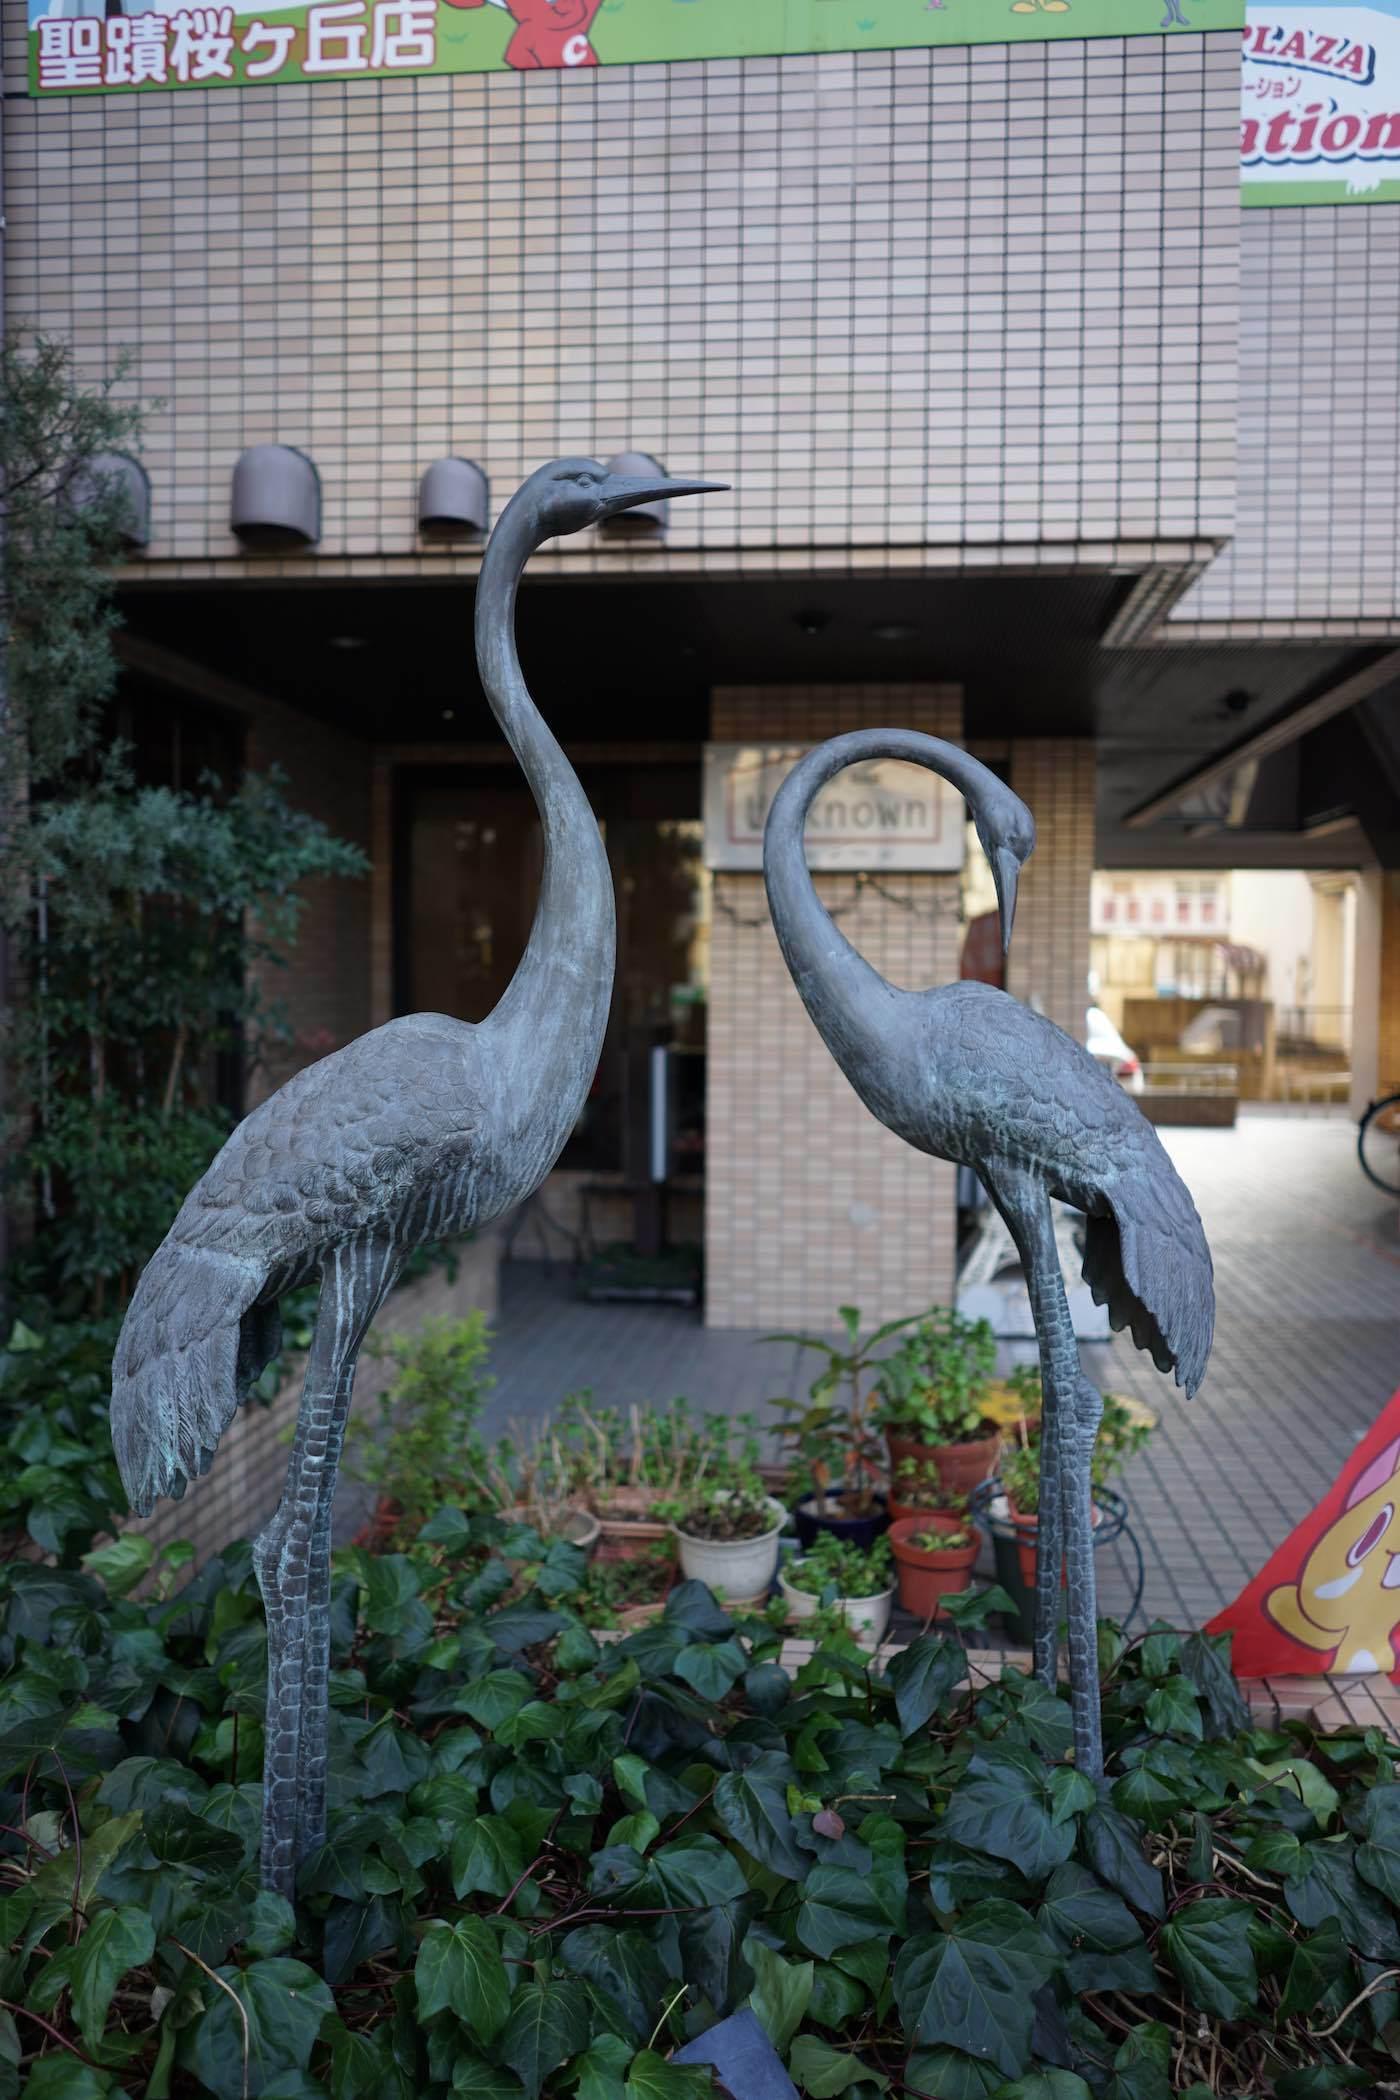 聖蹟桜ケ丘スナップ その45_b0360240_21370184.jpg